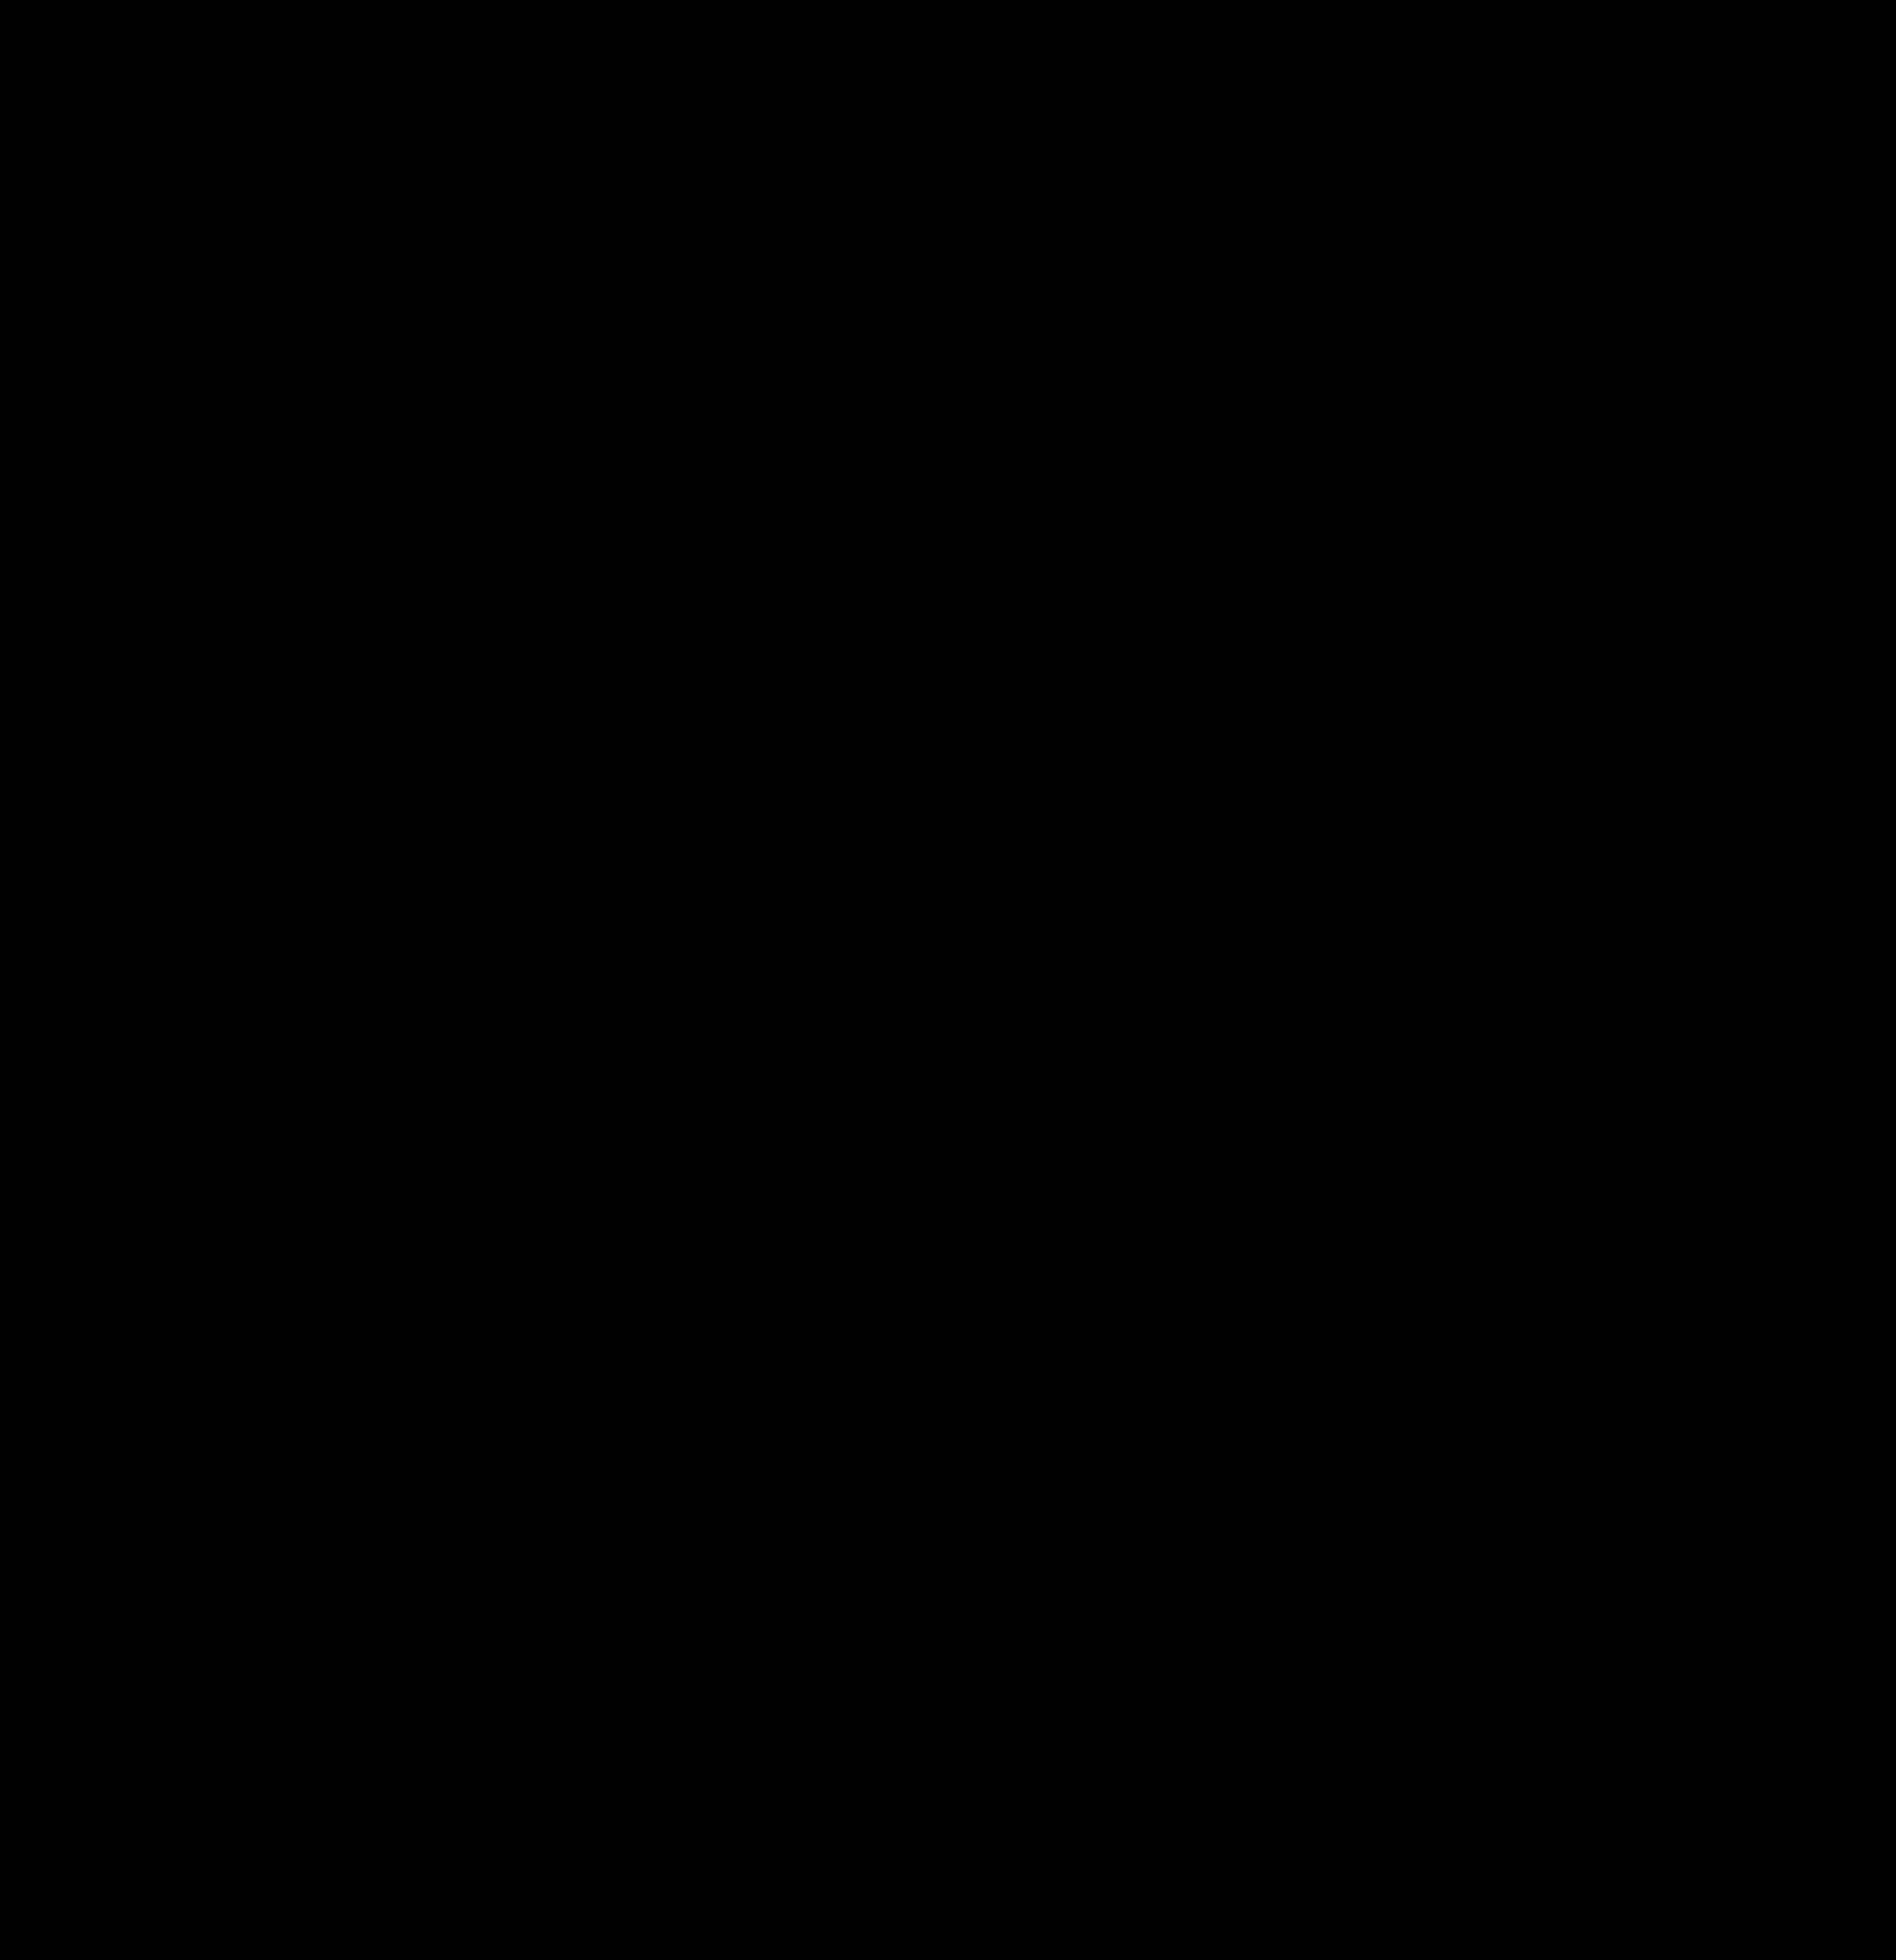 Kunal Majmundar